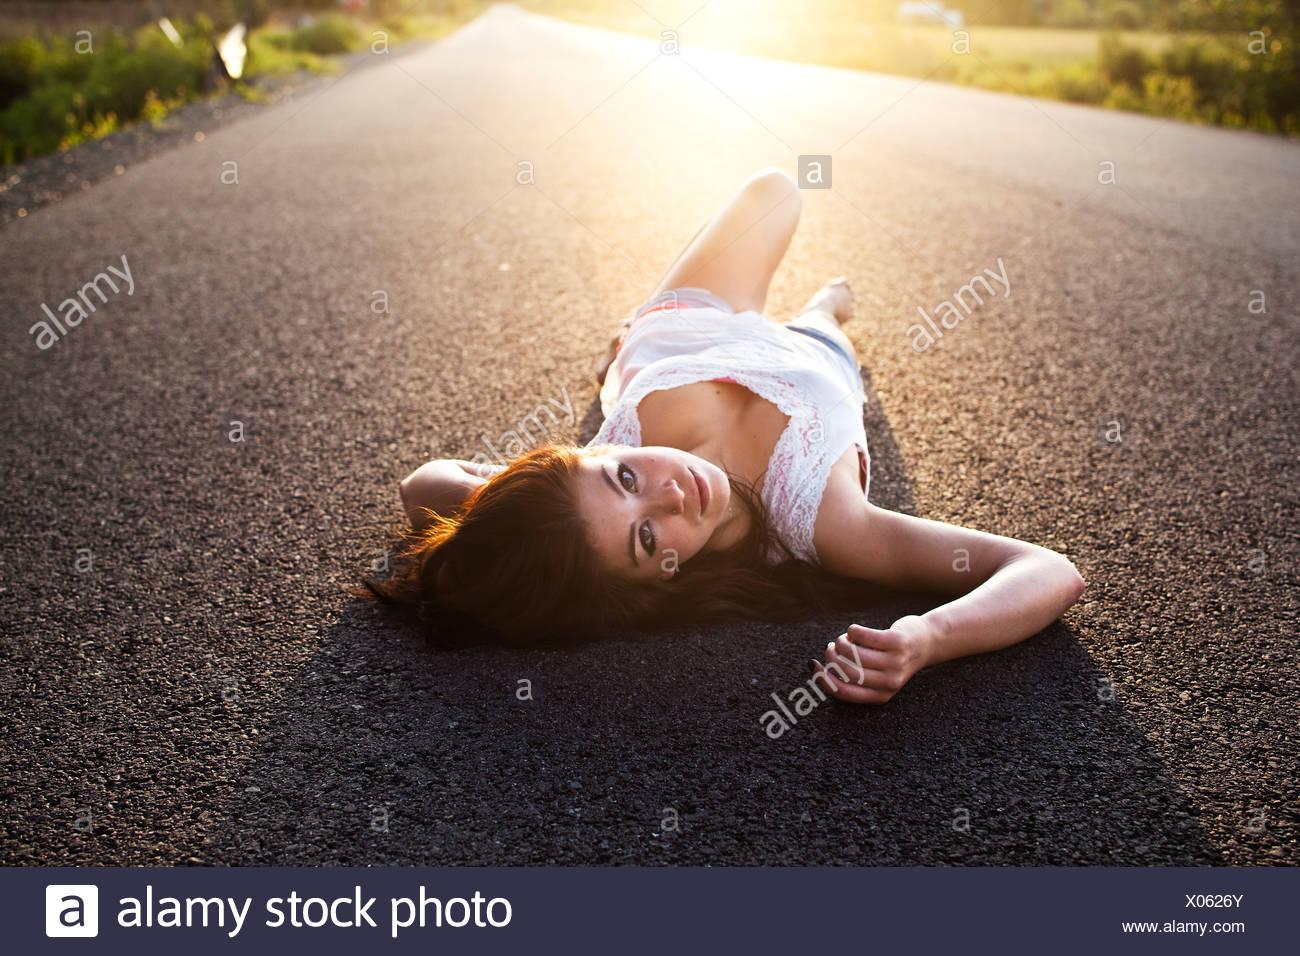 Une fille se trouve sur la route au coucher du soleil dans l'Idaho. Photo Stock